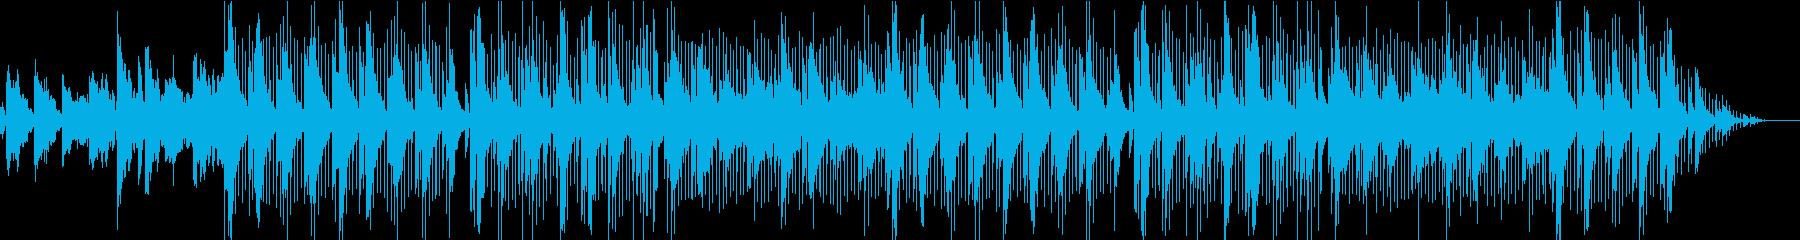 ゆったりとしたお洒落なインストの再生済みの波形